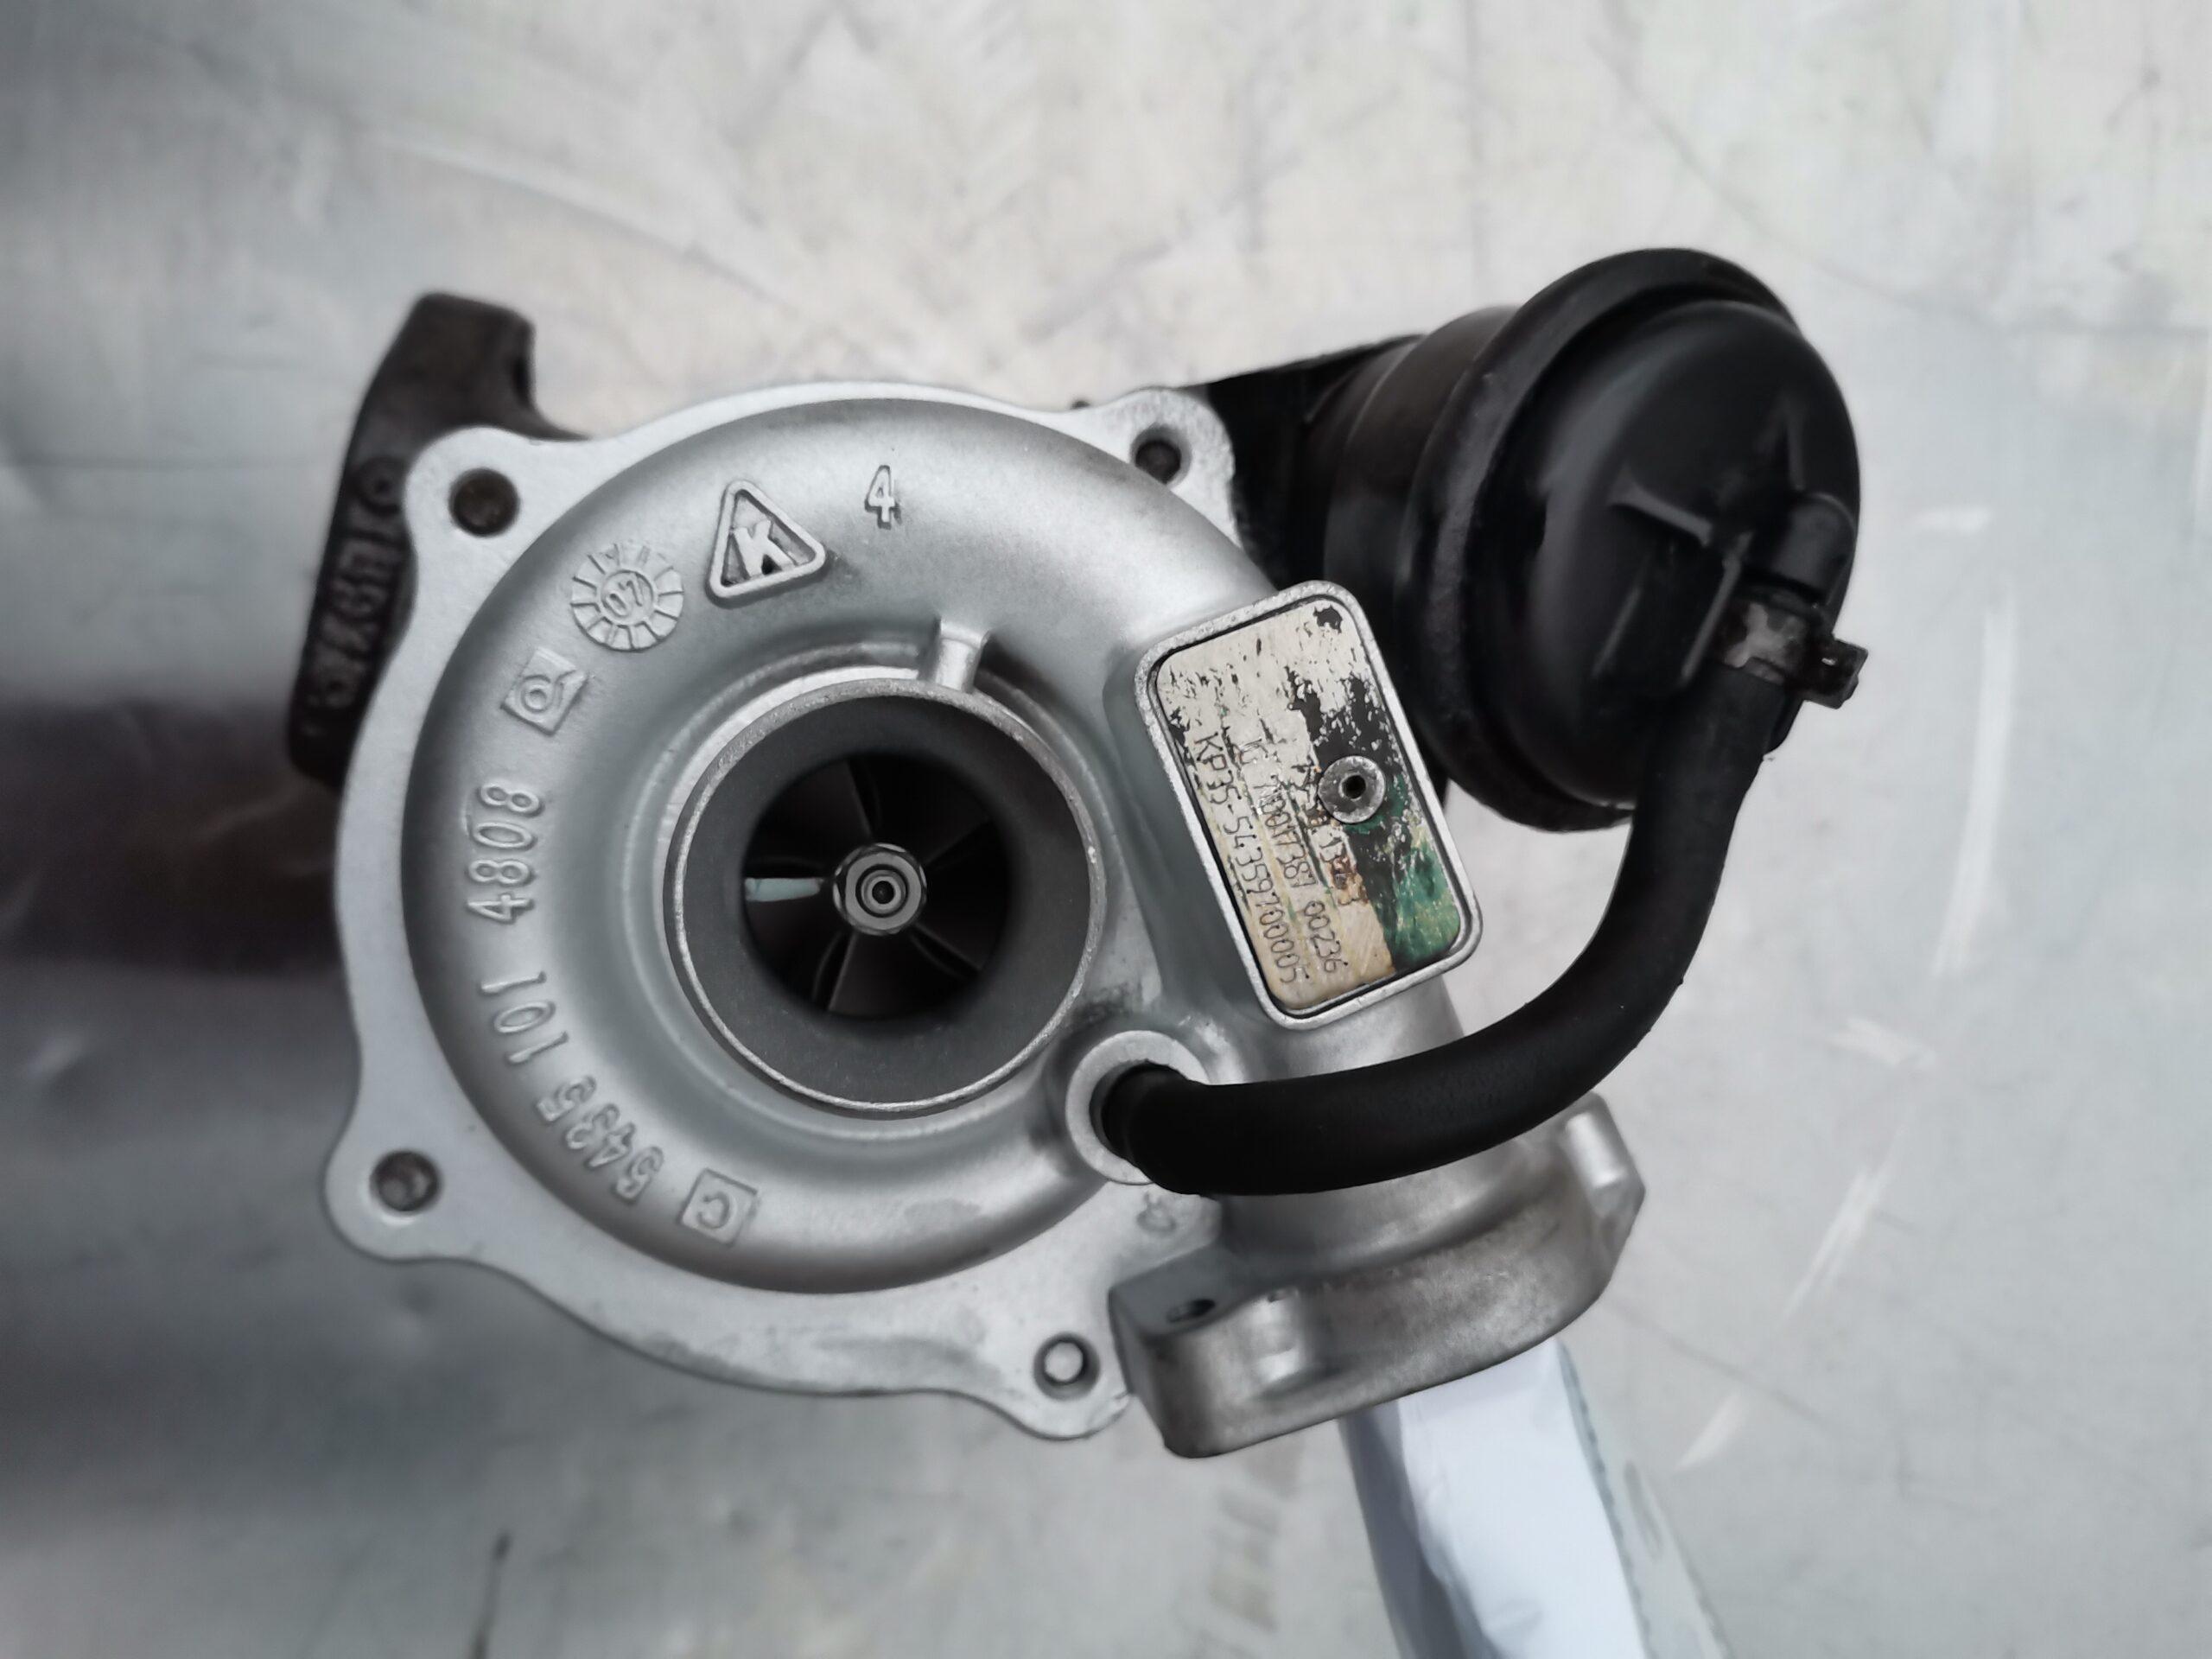 Турбокомпрессор Fiat Doblo 1.3 d после ремонта в turboday